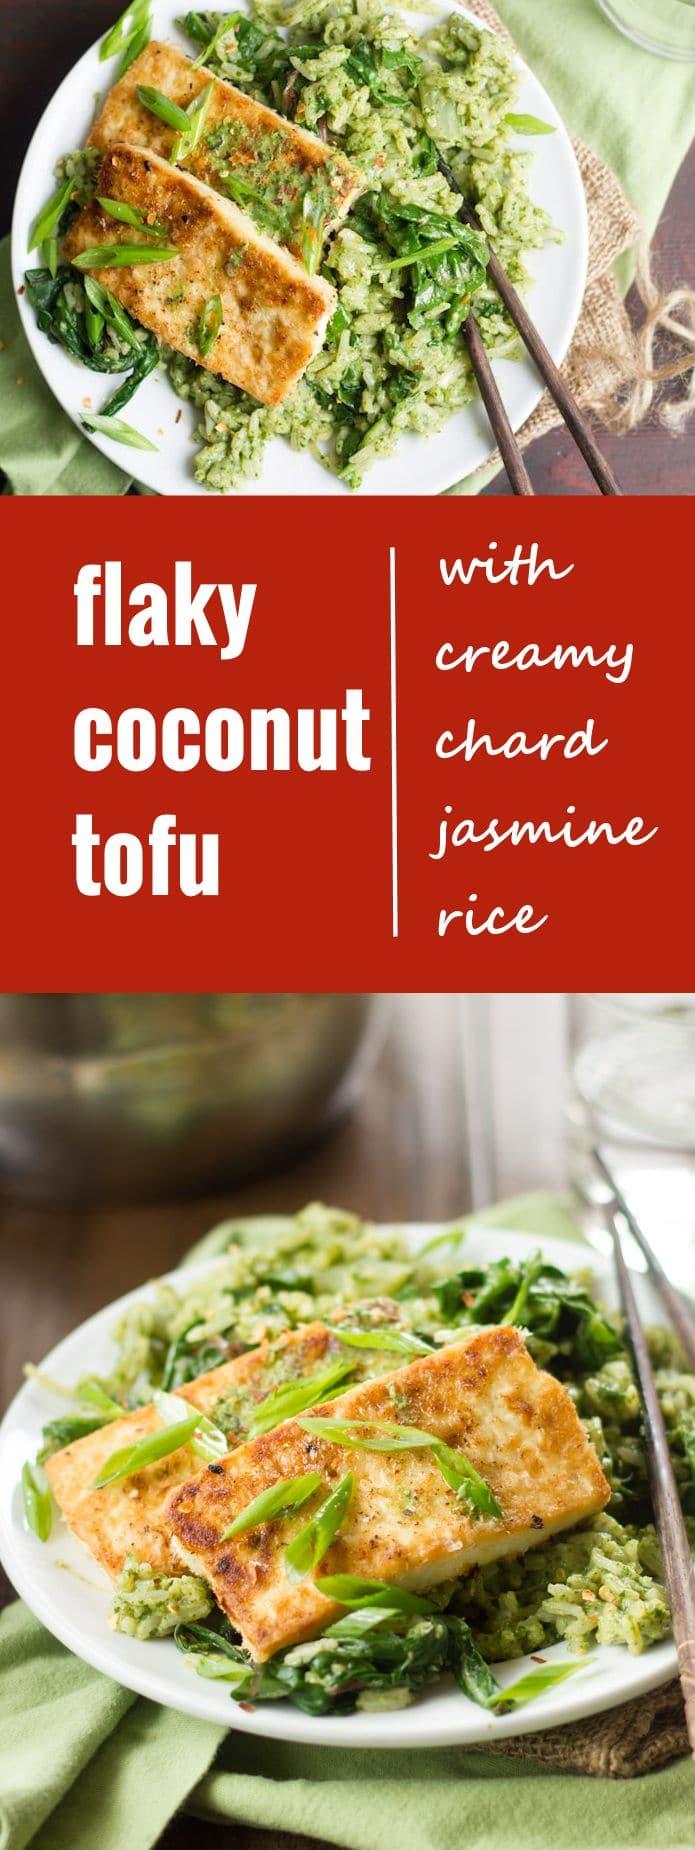 Flaky Coconut Tofu with Creamy Chard Jasmine Rice